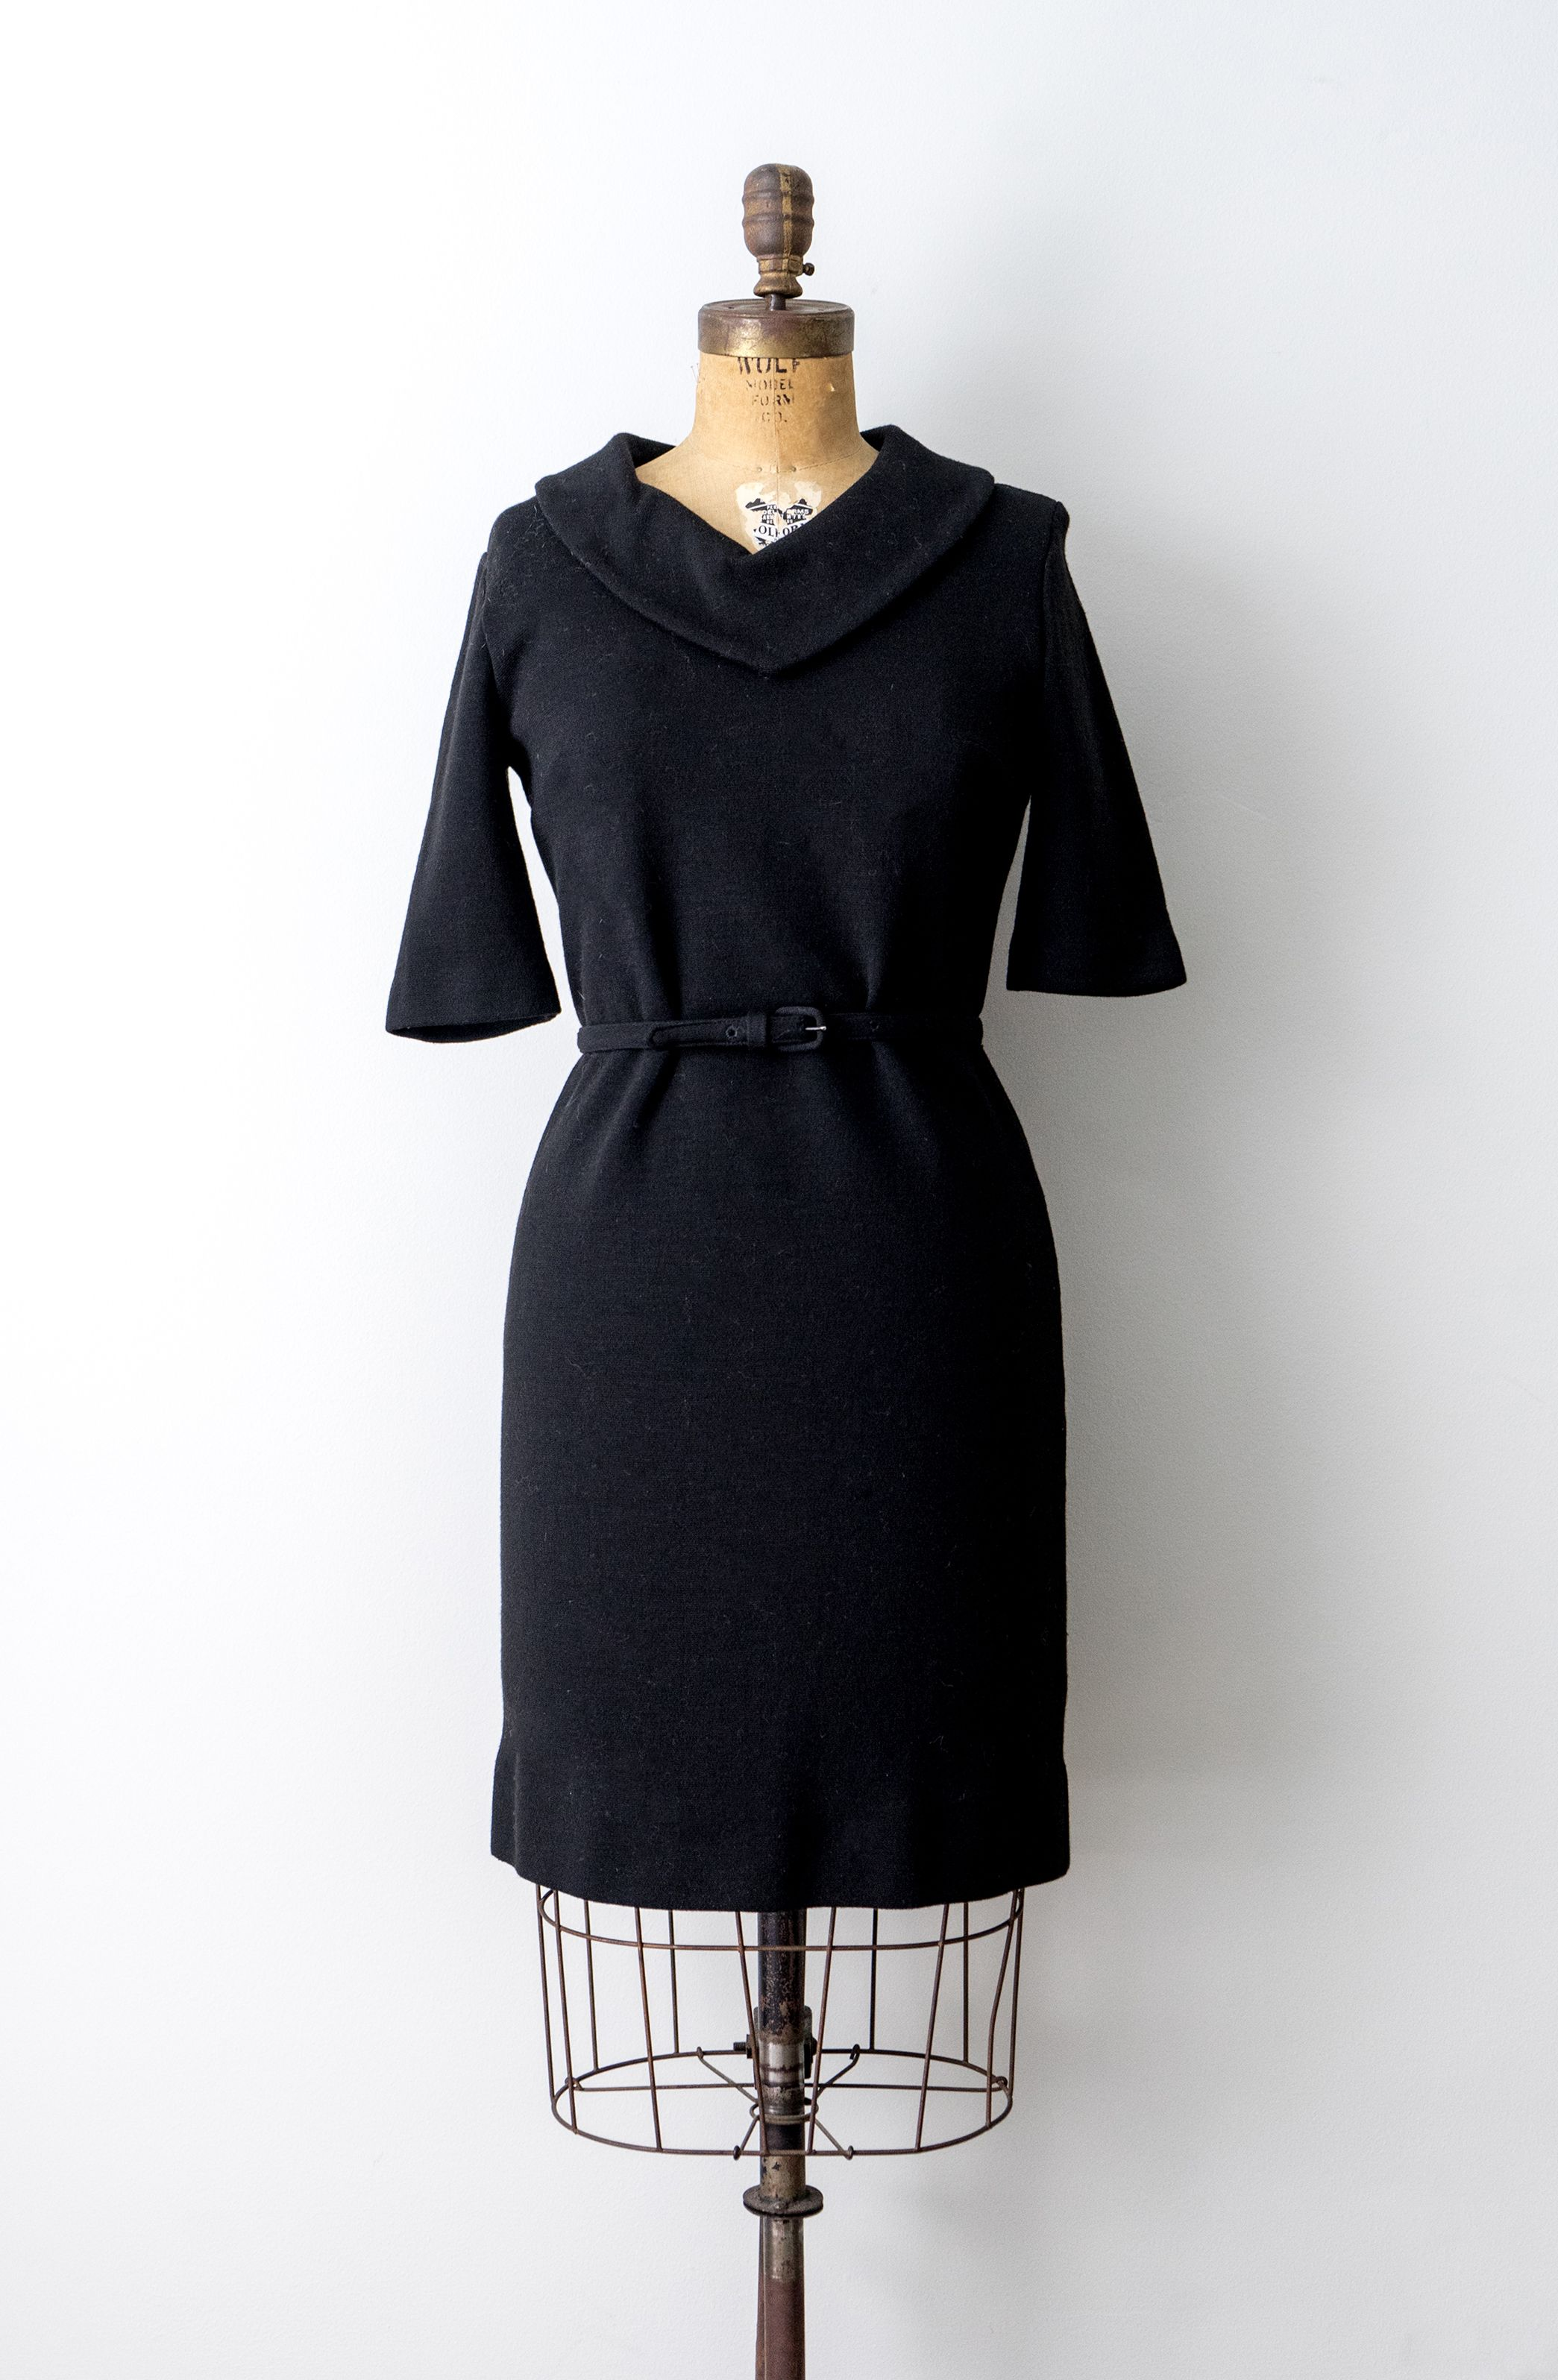 60 S Black Knit Dress 1960 Belt Dress Medium Collared Etsy Black Knit Dress Knit Dress Knit Sheath Dress [ 3192 x 2089 Pixel ]